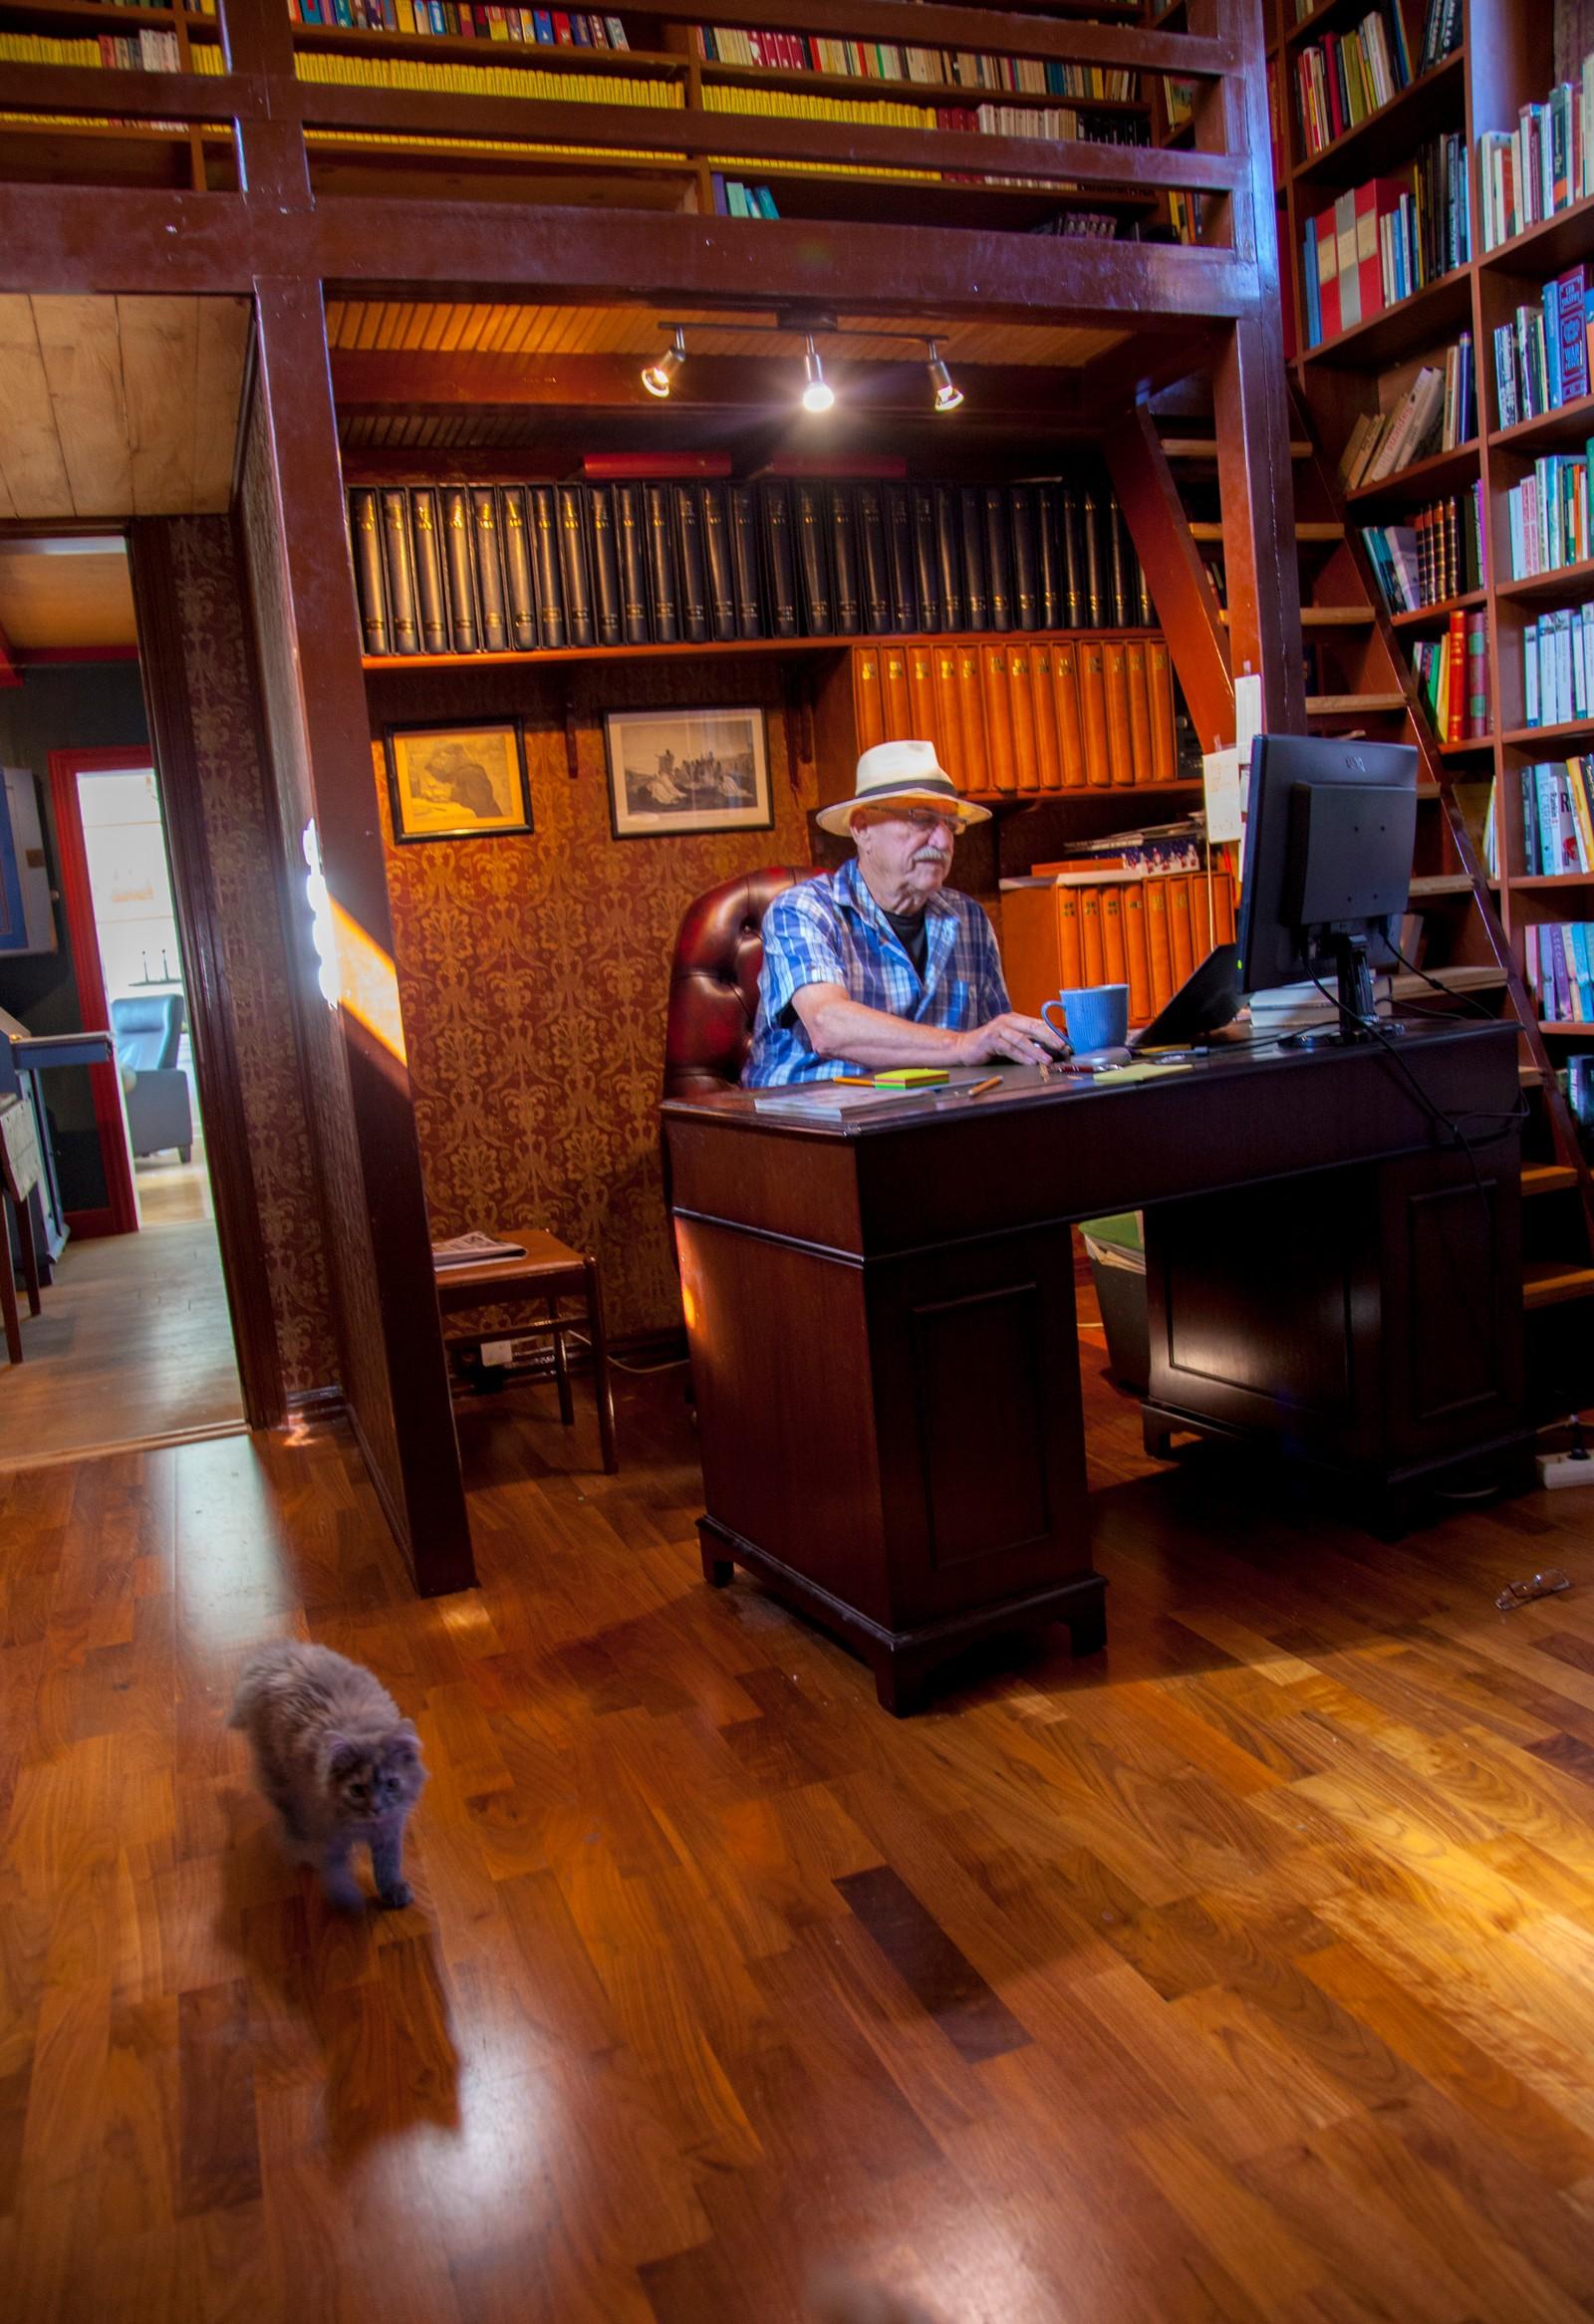 Nygårdshaug skriver alle bøkene sine i det kombinerte biblioteket og arbeidsrommet. Katten Bonnie er med overalt.